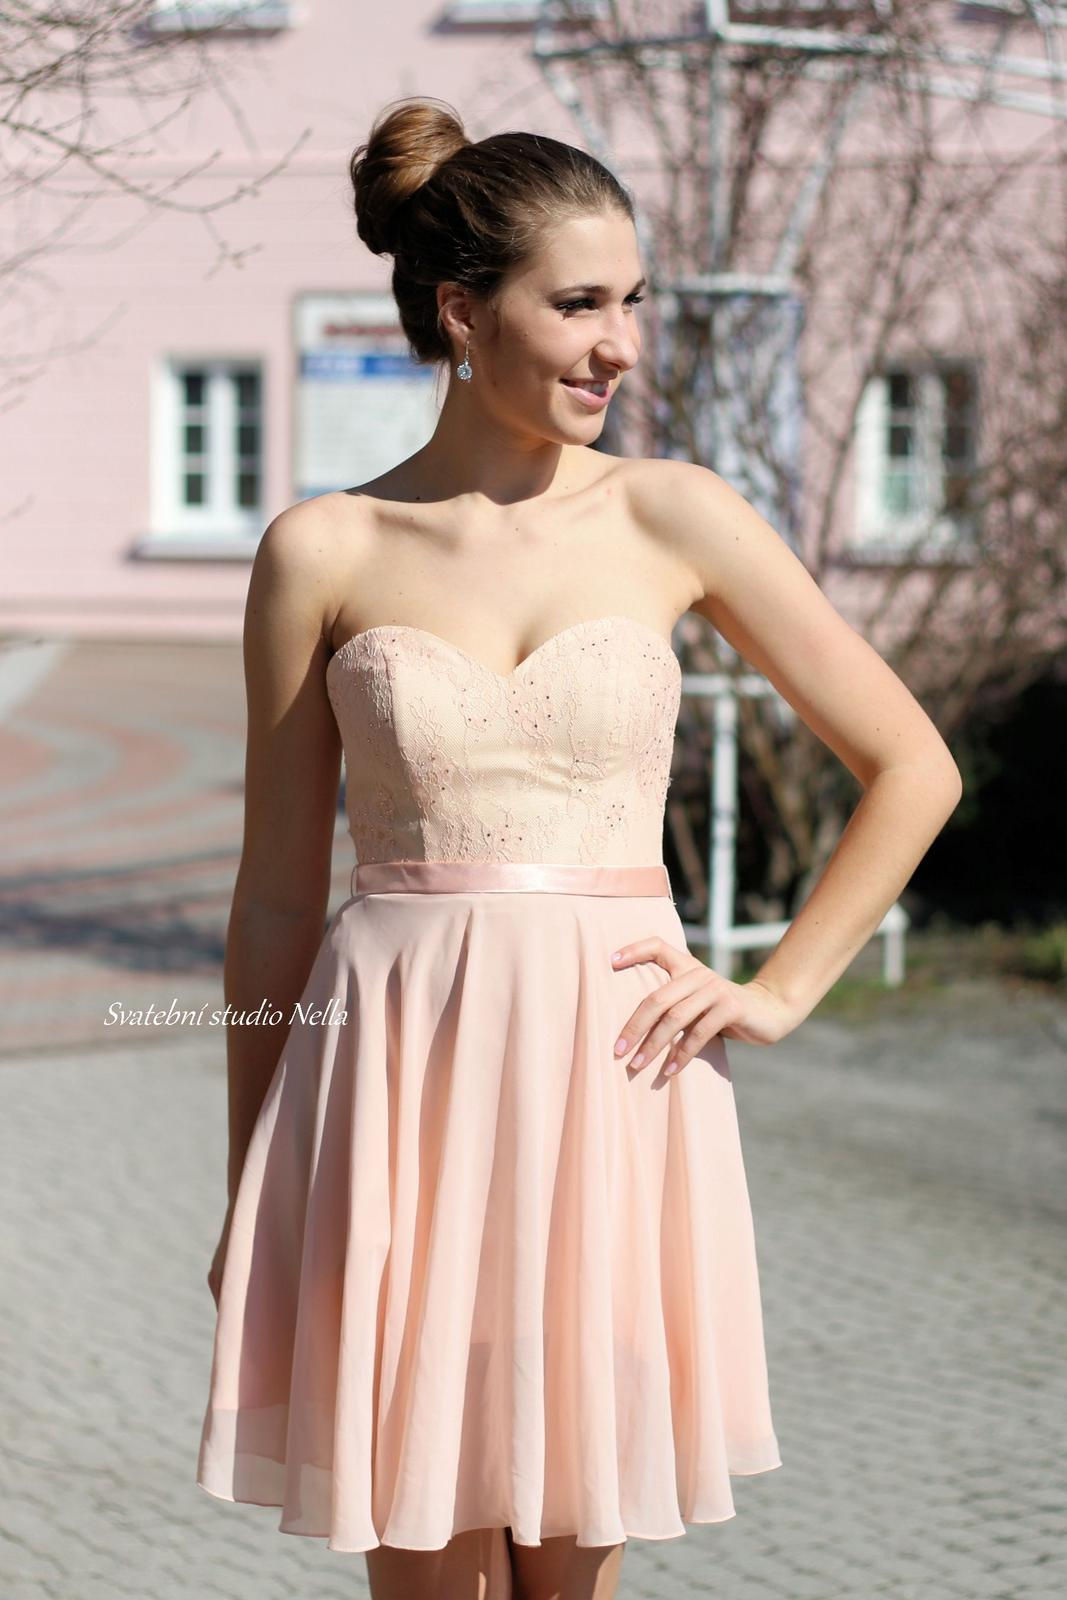 Krátké šaty na svatby, pro družičky a popůlnočky - Krátké šaty na svatbu - www.svatebninella.cz